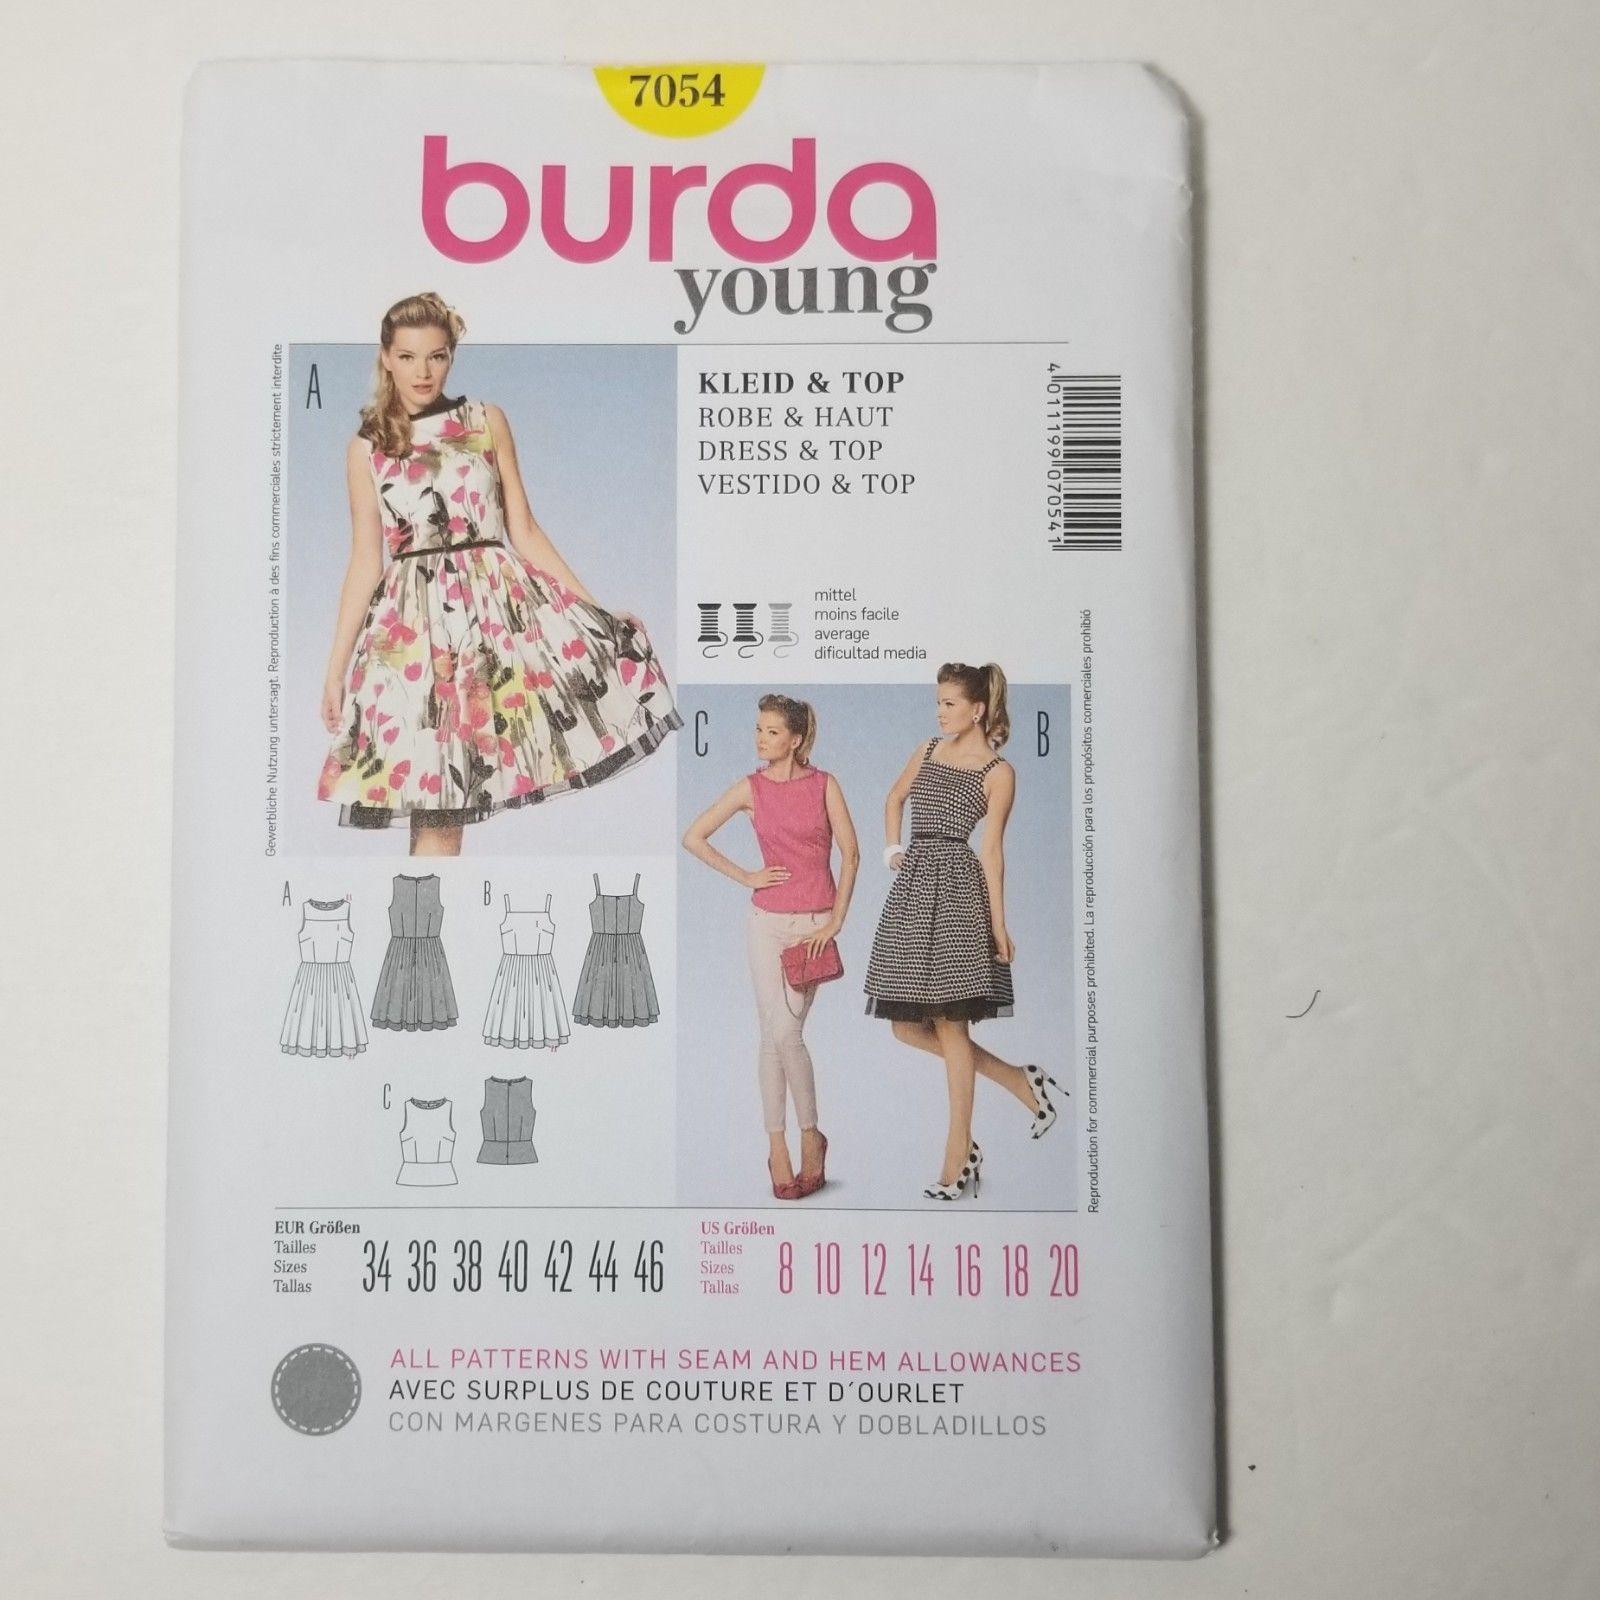 Burda 7054 Sewing Pattern: 1 listing